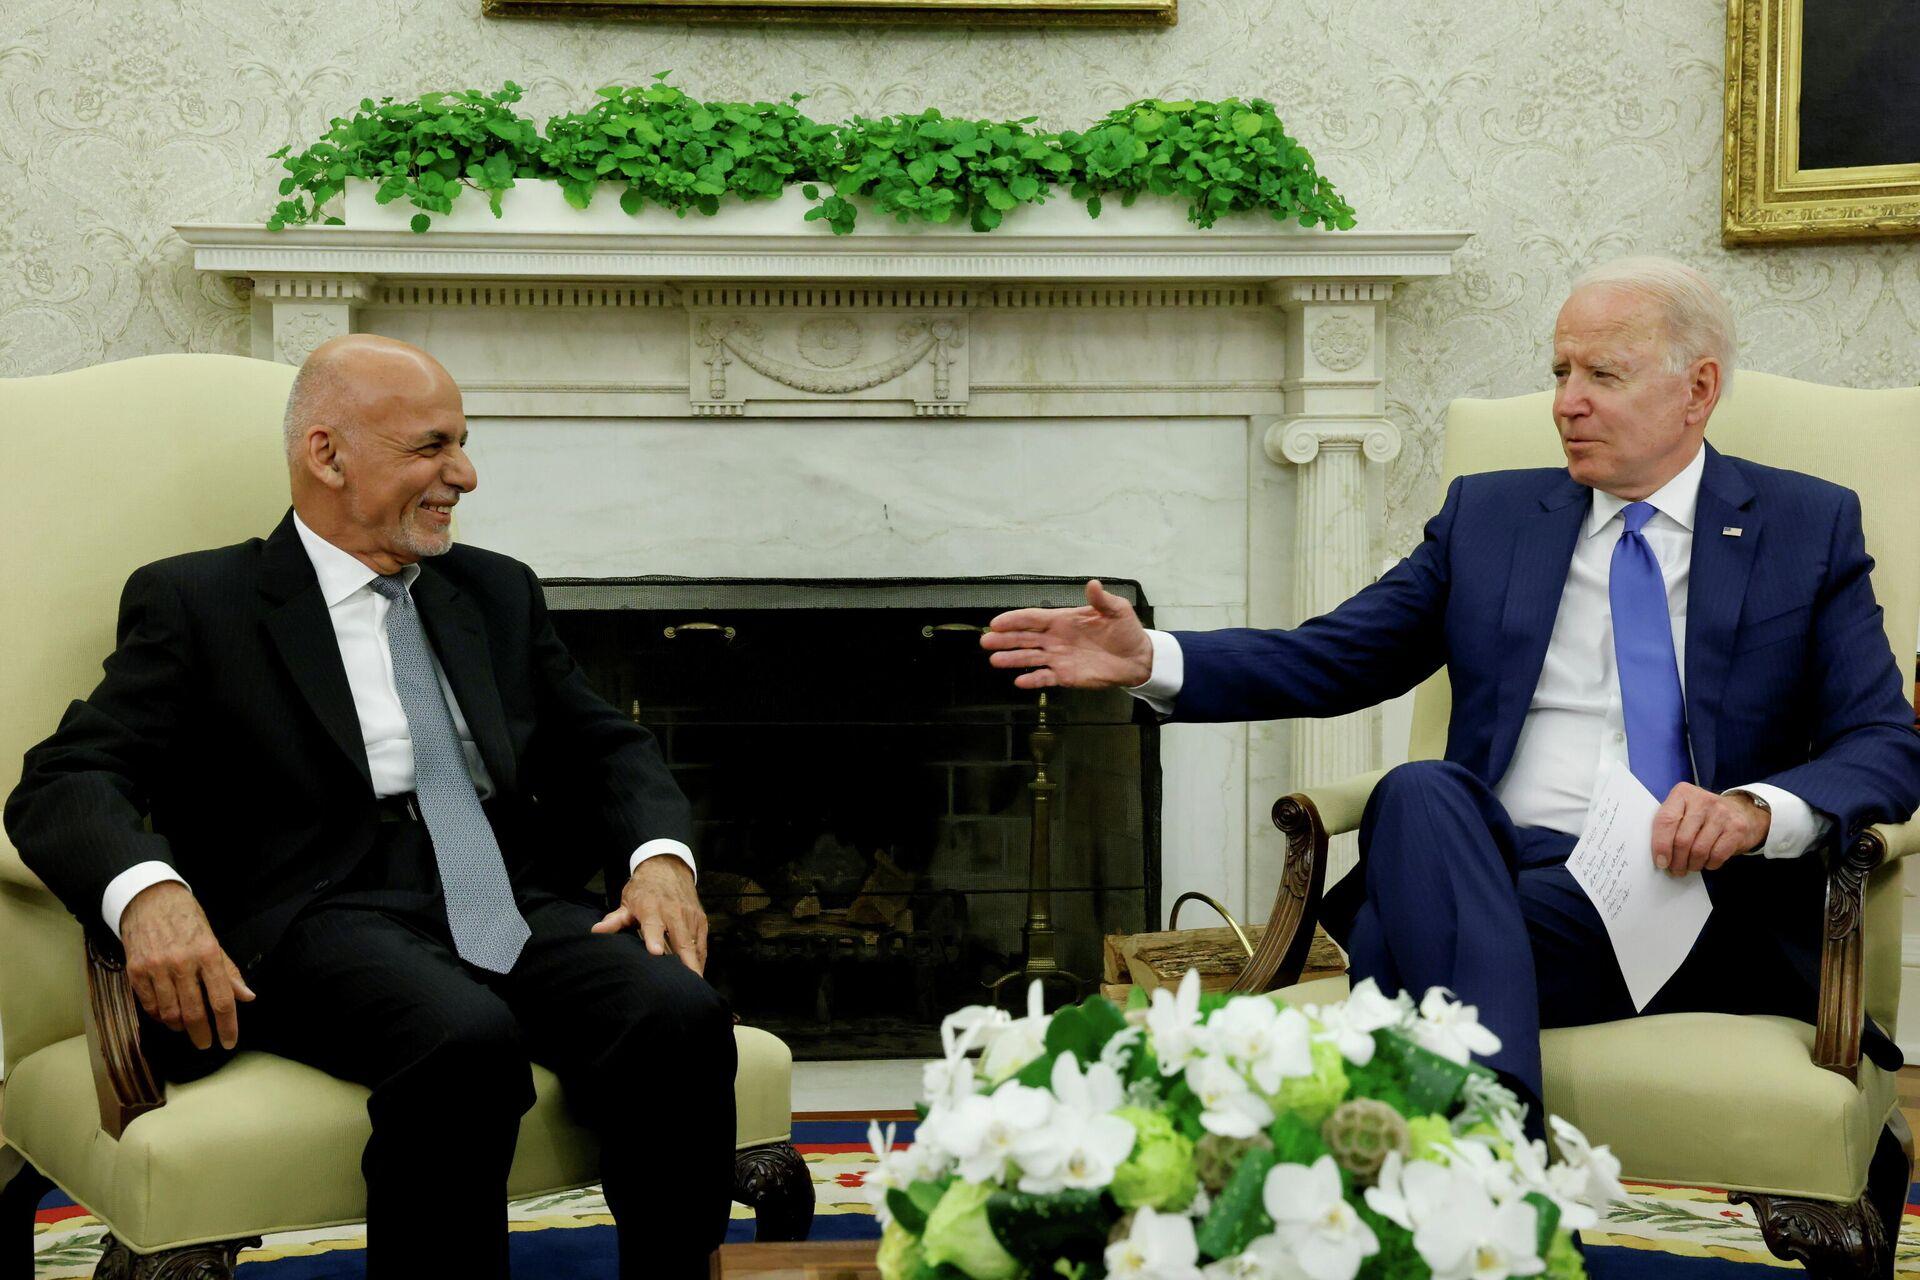 El presidente de EEUU, Joe Biden, se reúne con su homólogo afgano, Ashraf Ghani, en la Casa Blanca, Washington, Estados Unidos, el 25 de junio de 2021.  - Sputnik Mundo, 1920, 09.07.2021